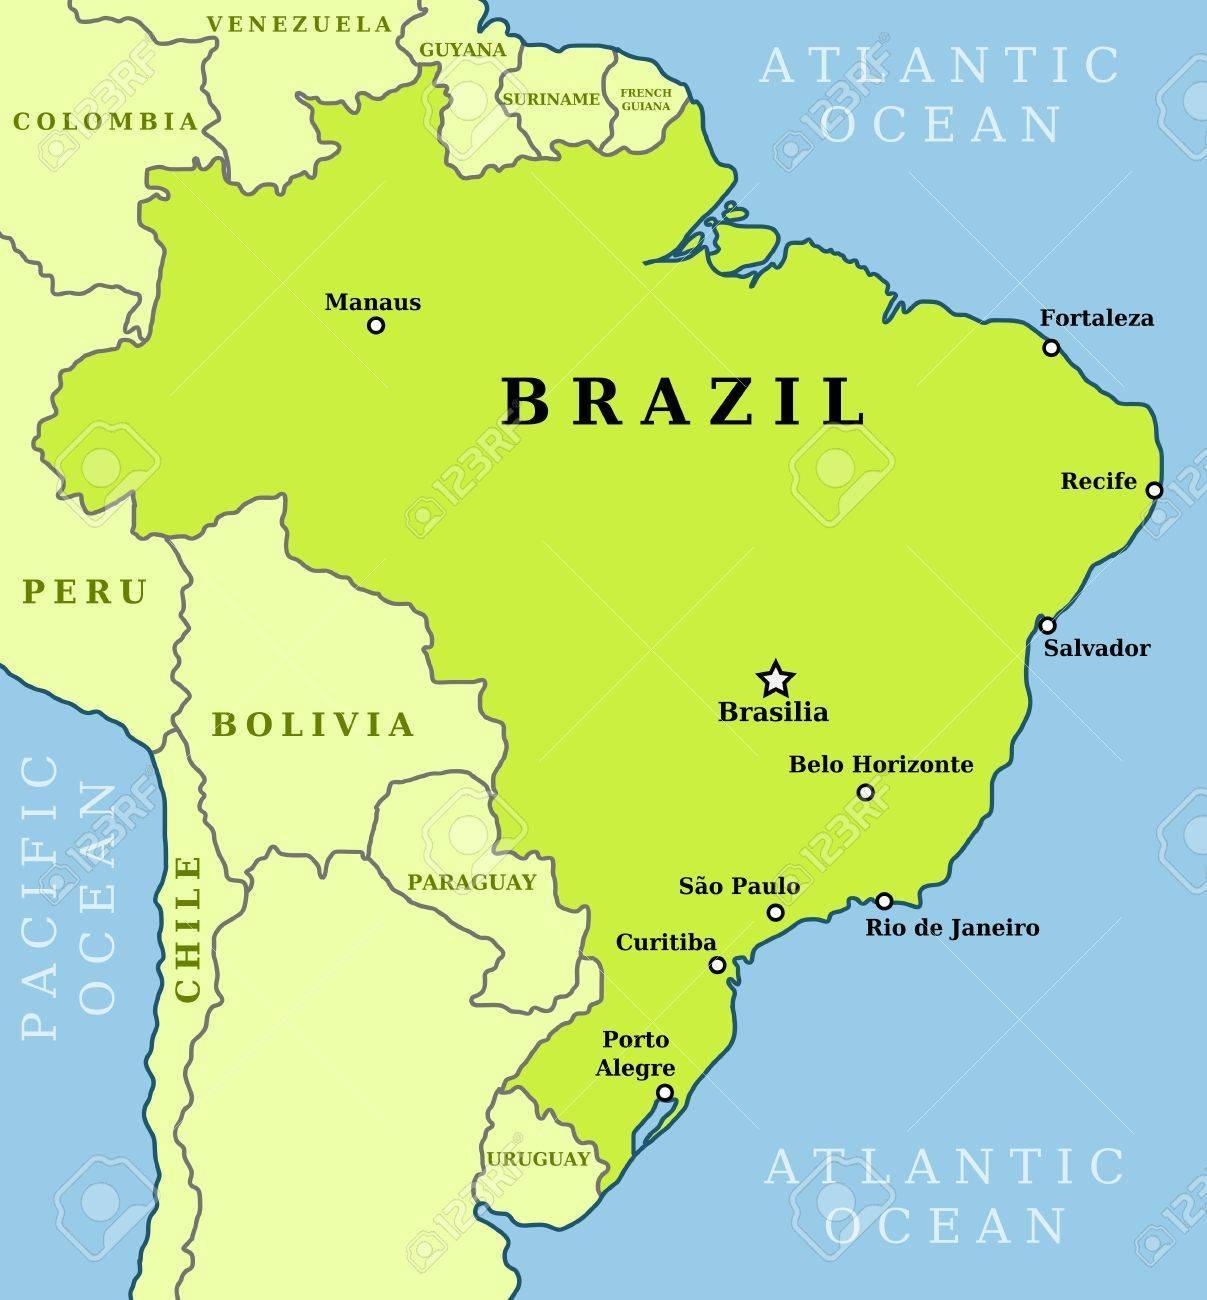 brazília térkép Térkép Brazília városok   Brazília térkép városok (Dél Amerika  brazília térkép